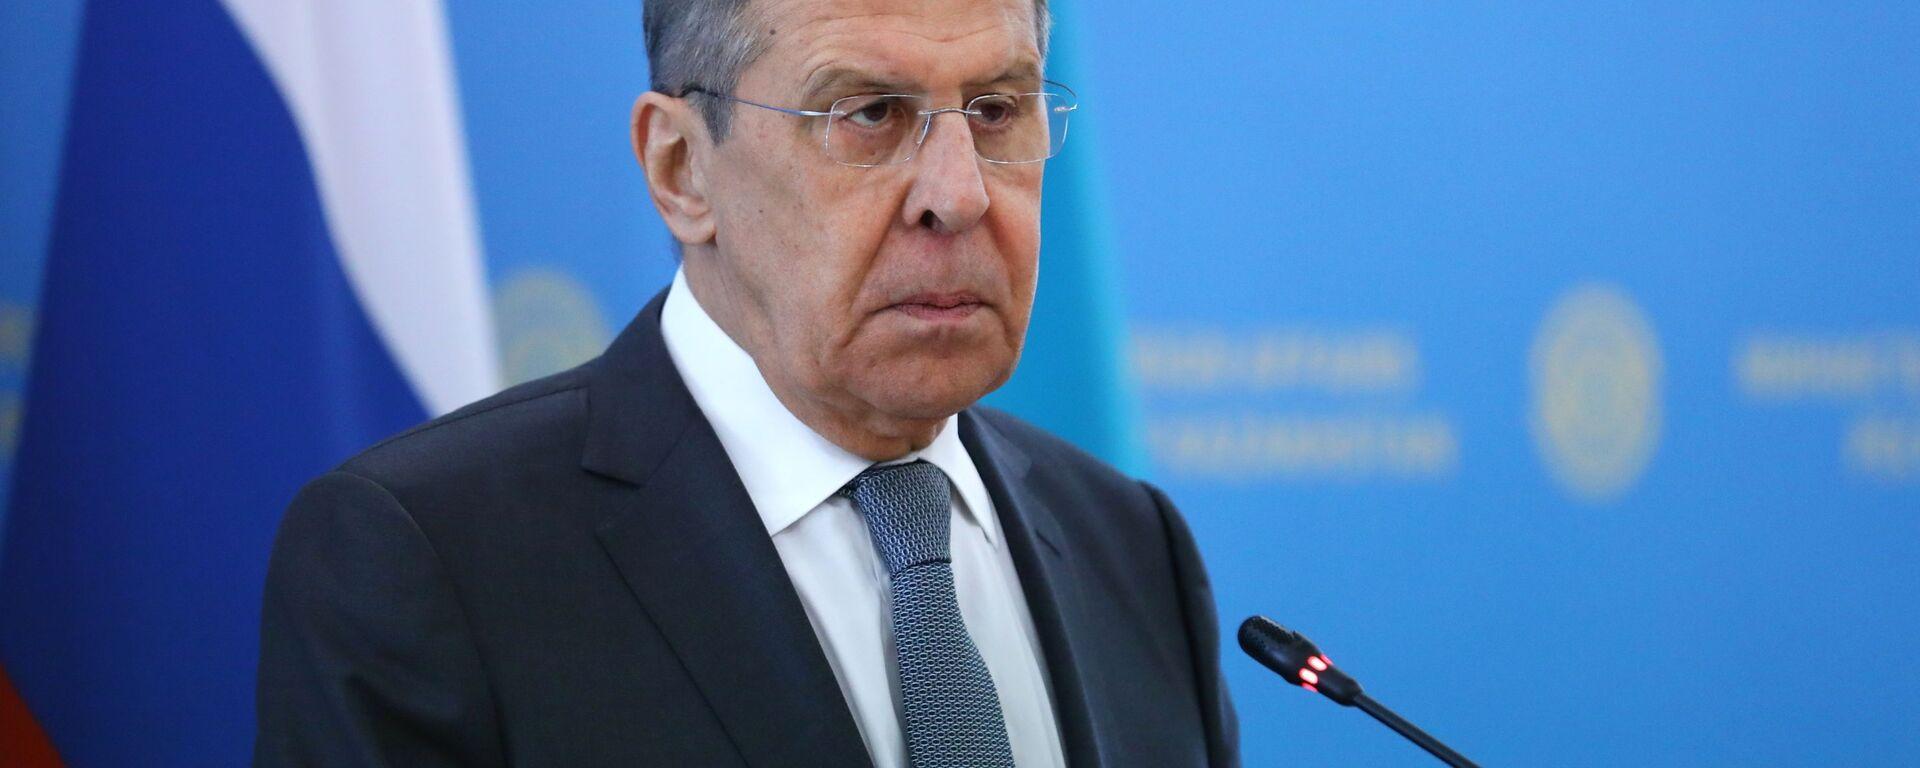 Ministar spoljnih poslova Rusije Sergej Lavrov - Sputnik Srbija, 1920, 13.08.2021